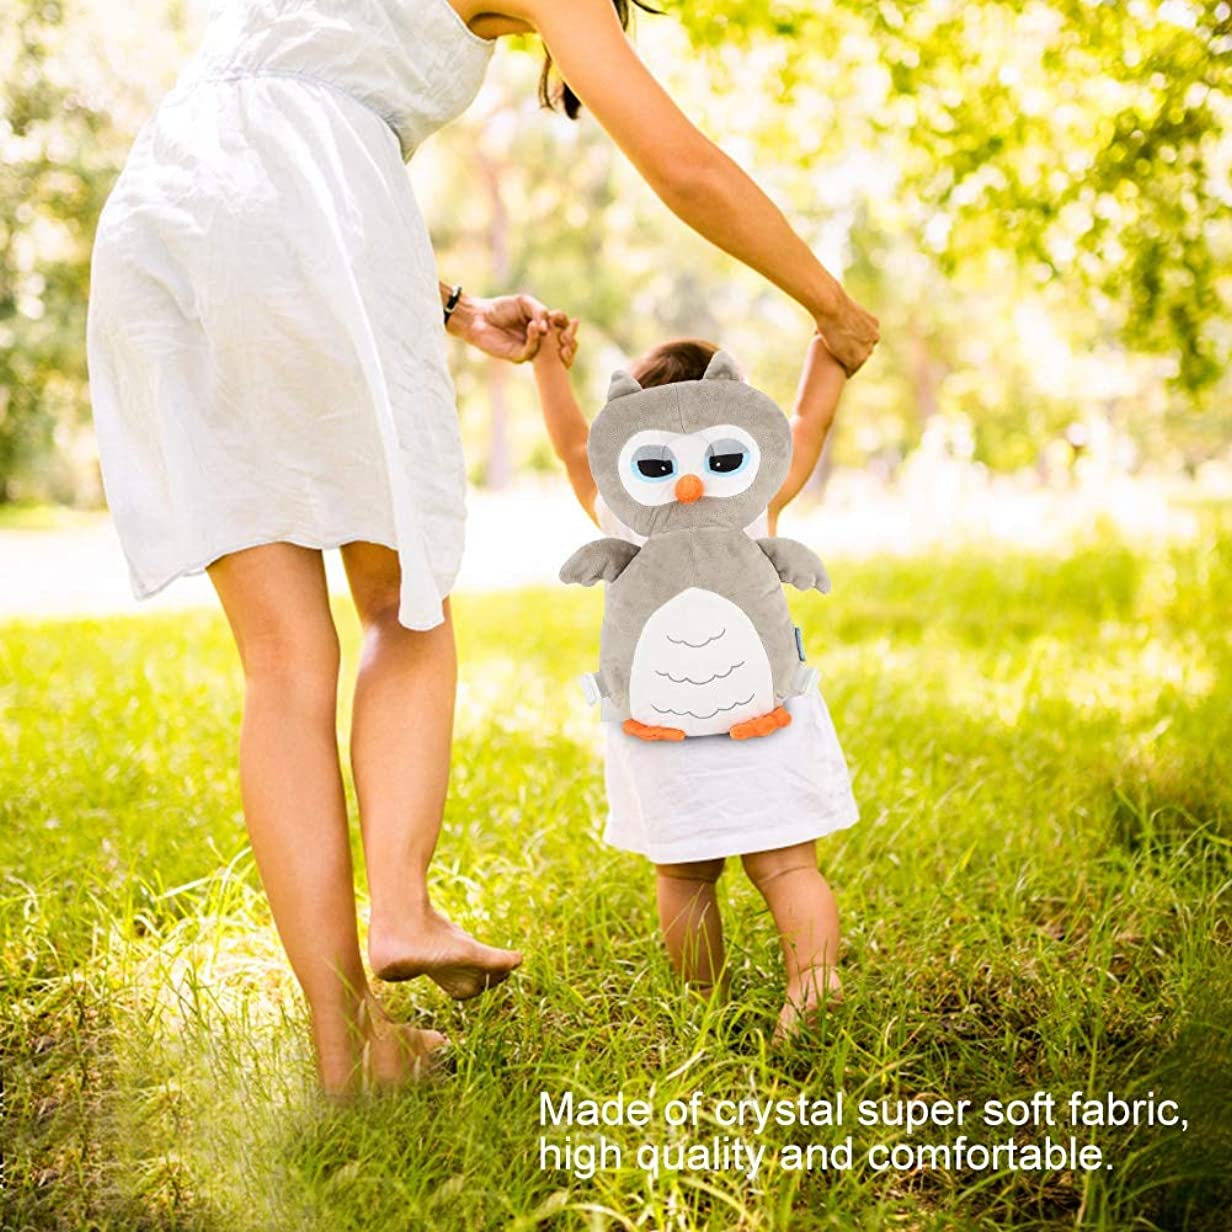 検出器決めますブラザー幼児の枕、ヘッドプロテクターバックパック、幼児の頭の枕、赤ちゃんの散歩の頭の保護用